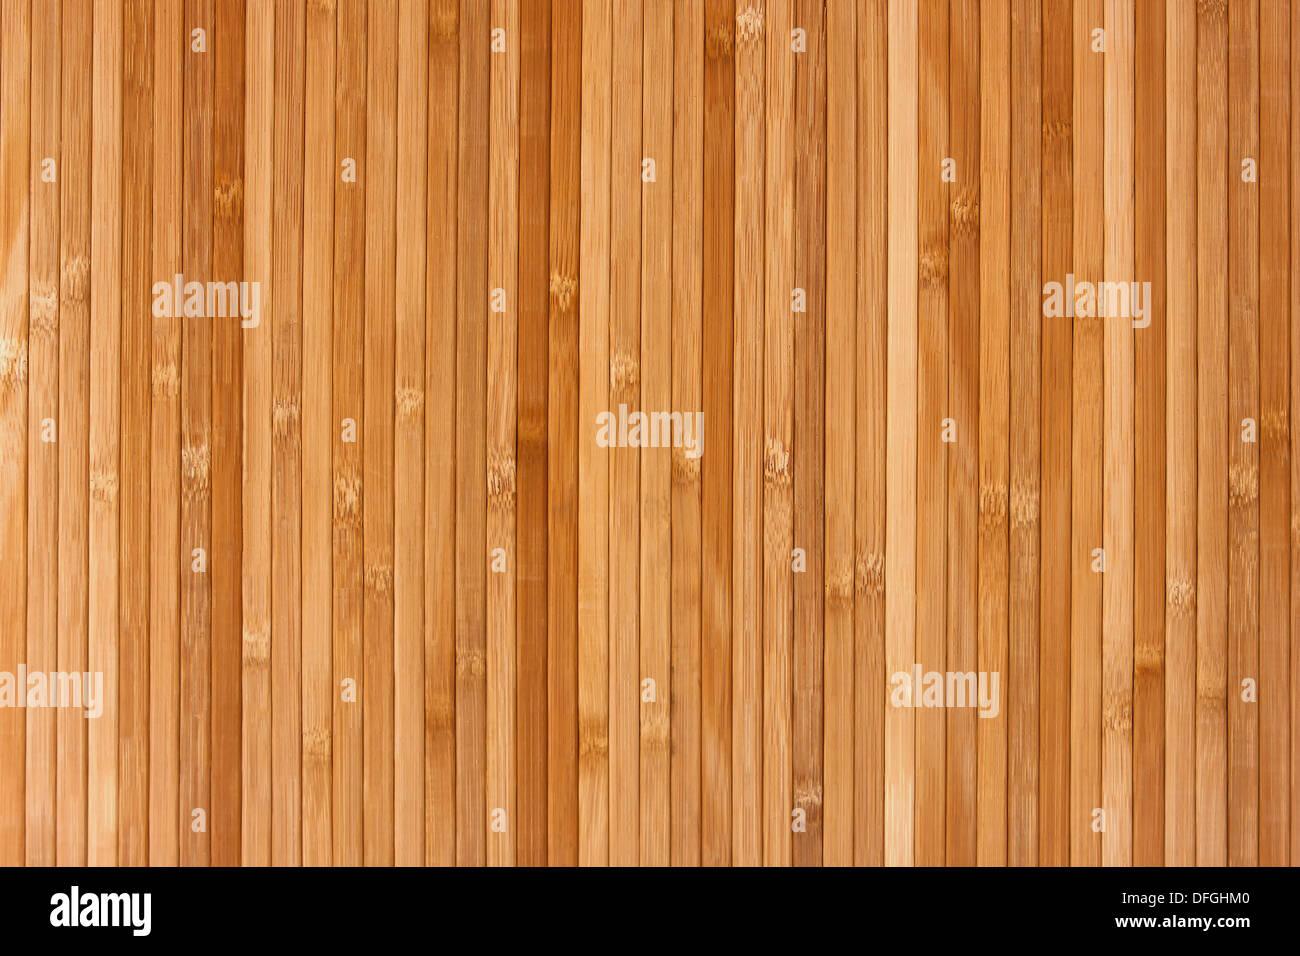 Textur Nahaufnahme Von Bambus Matten Hintergrund Stockfoto Bild